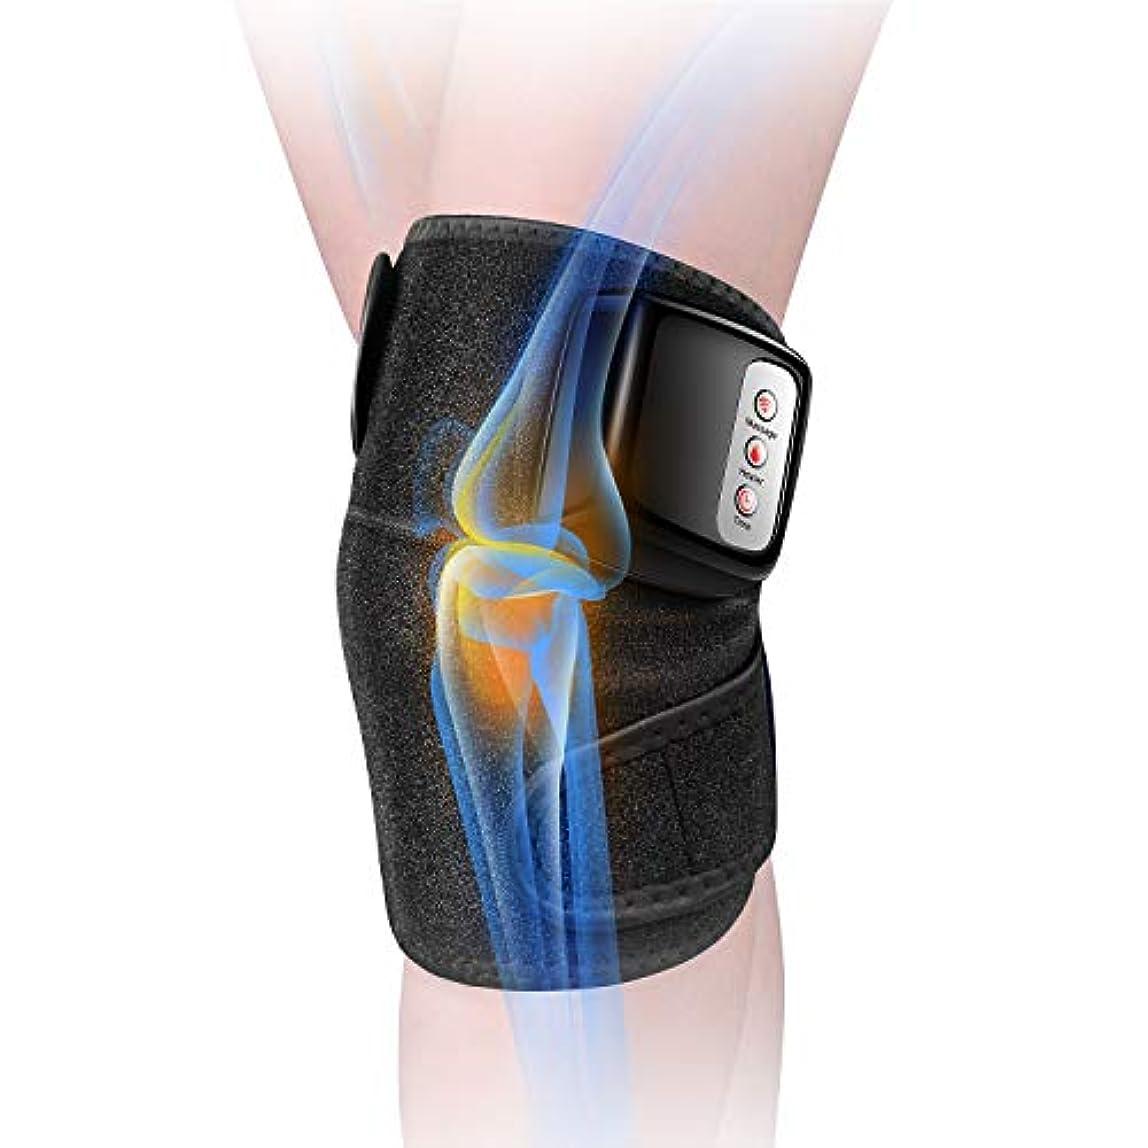 支配的コンクリート主に膝マッサージャー 関節マッサージャー マッサージ器 フットマッサージャー 振動 赤外線療法 温熱療法 膝サポーター ストレス解消 肩 太もも/腕対応